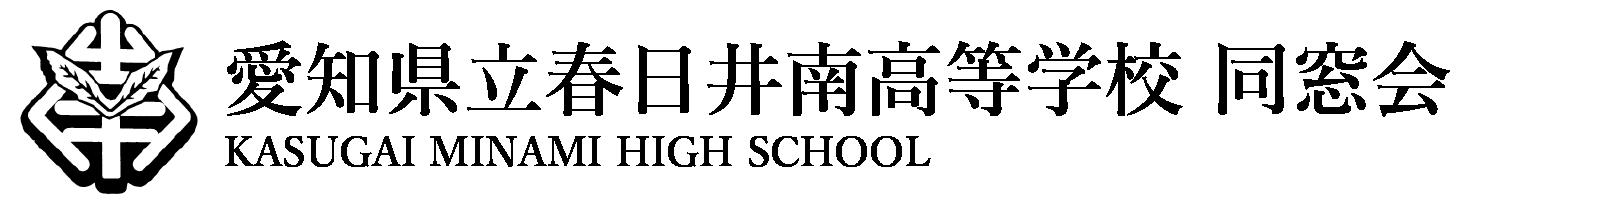 愛知県立春日井南高等学校 同窓会